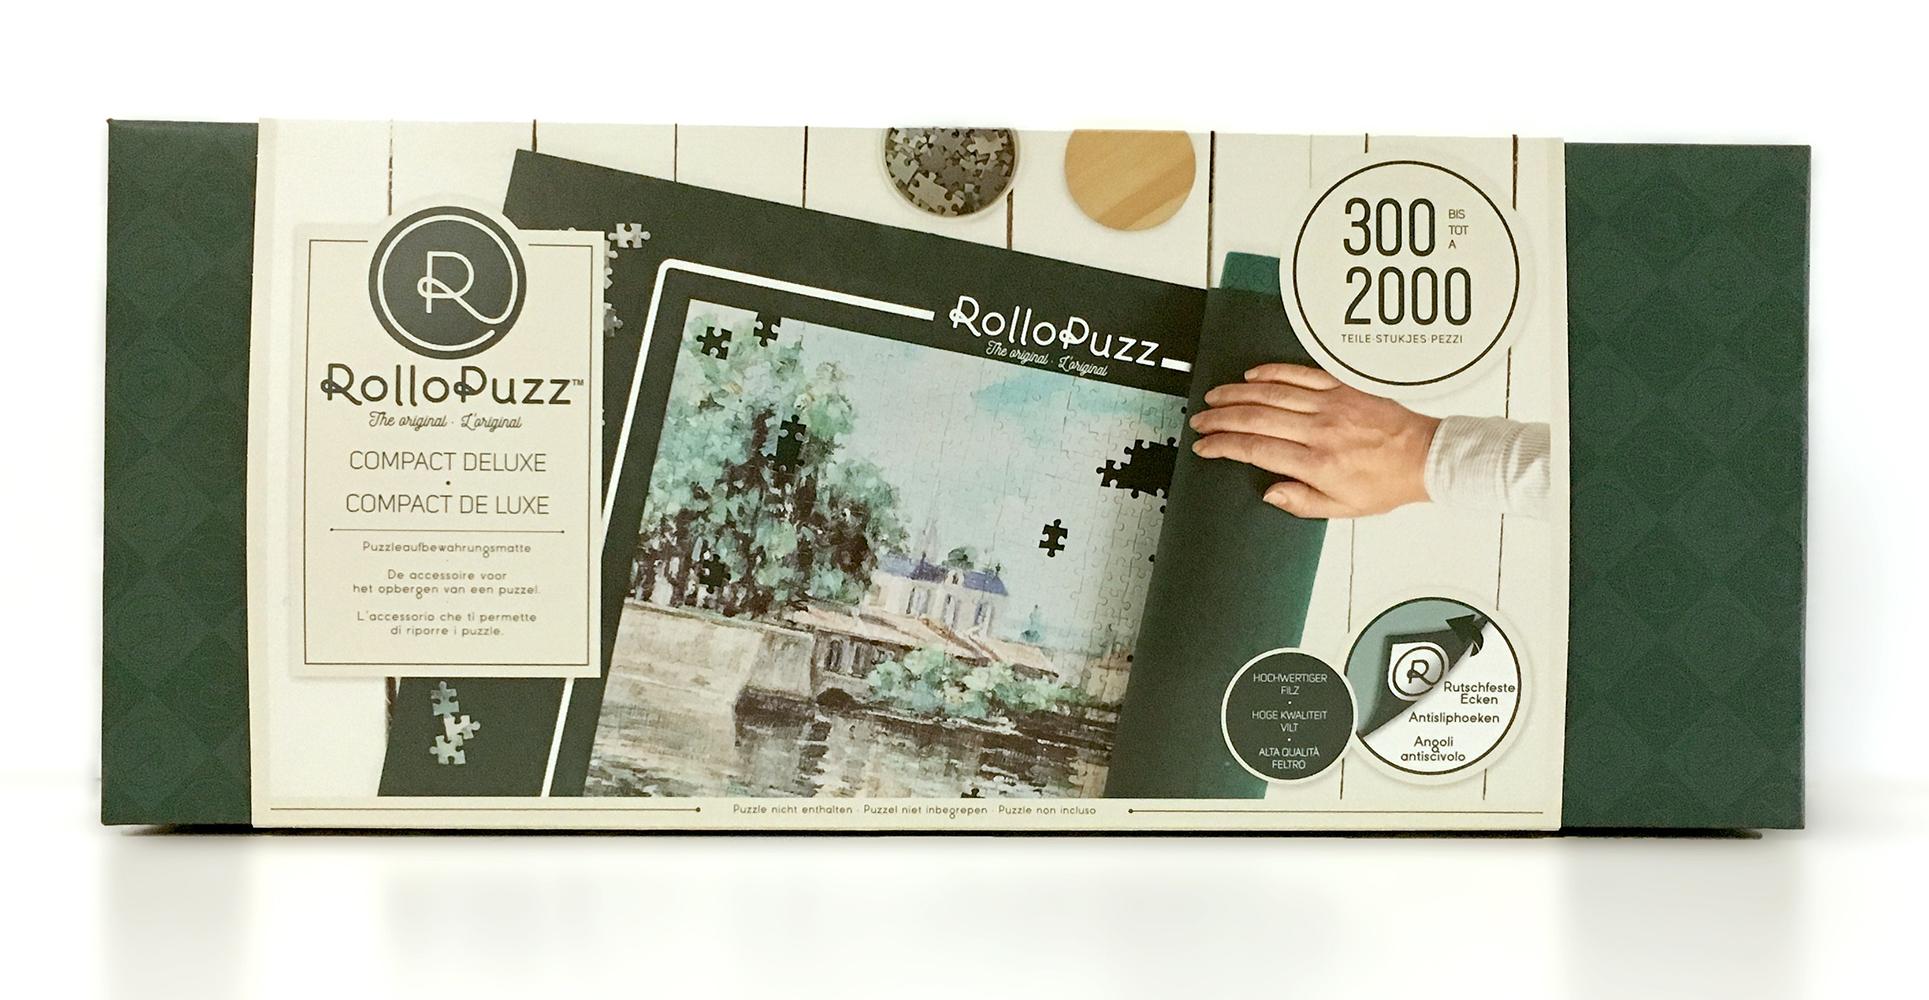 Tapis Roll- O Puzz original jusqu'à 2000 pièces